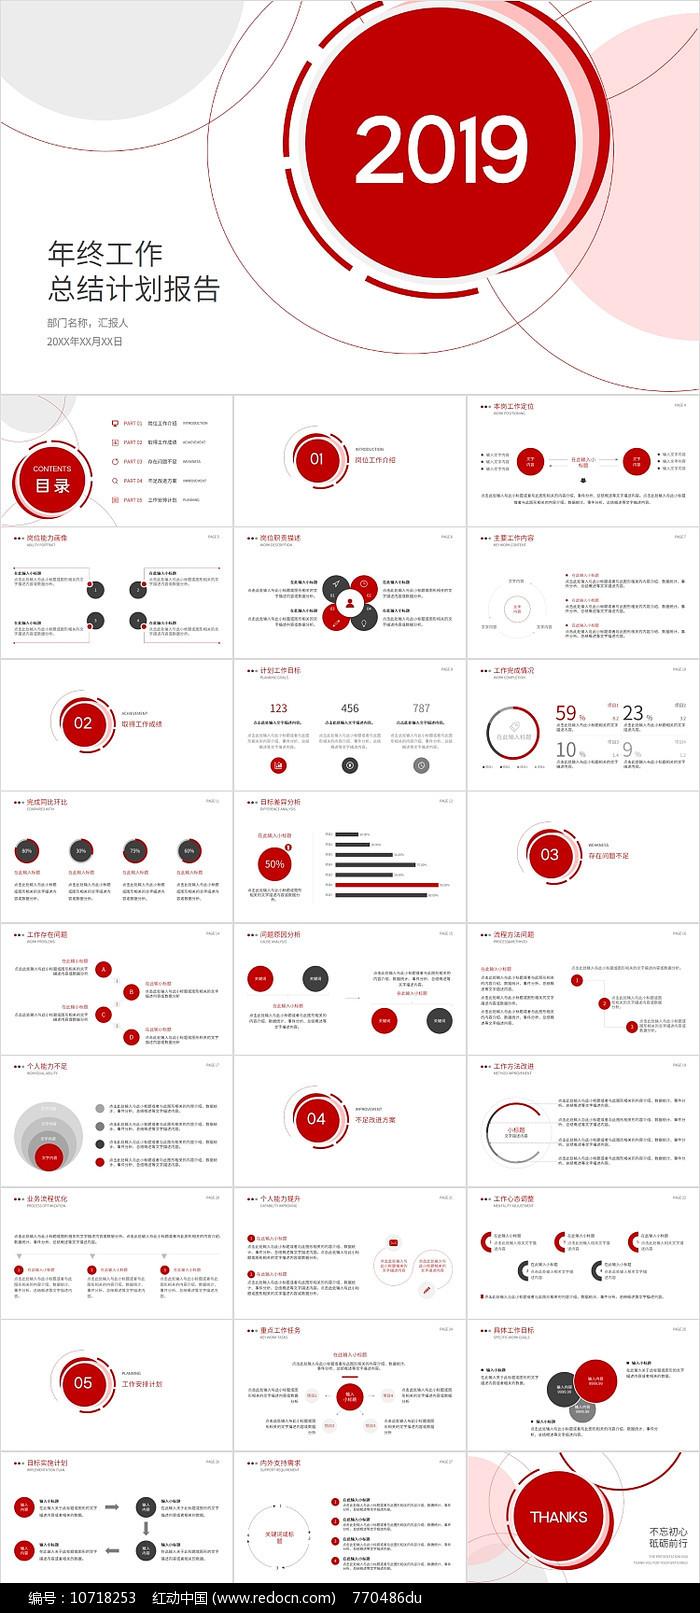 红色简约圆形年终总结工作计划PPT模板图片